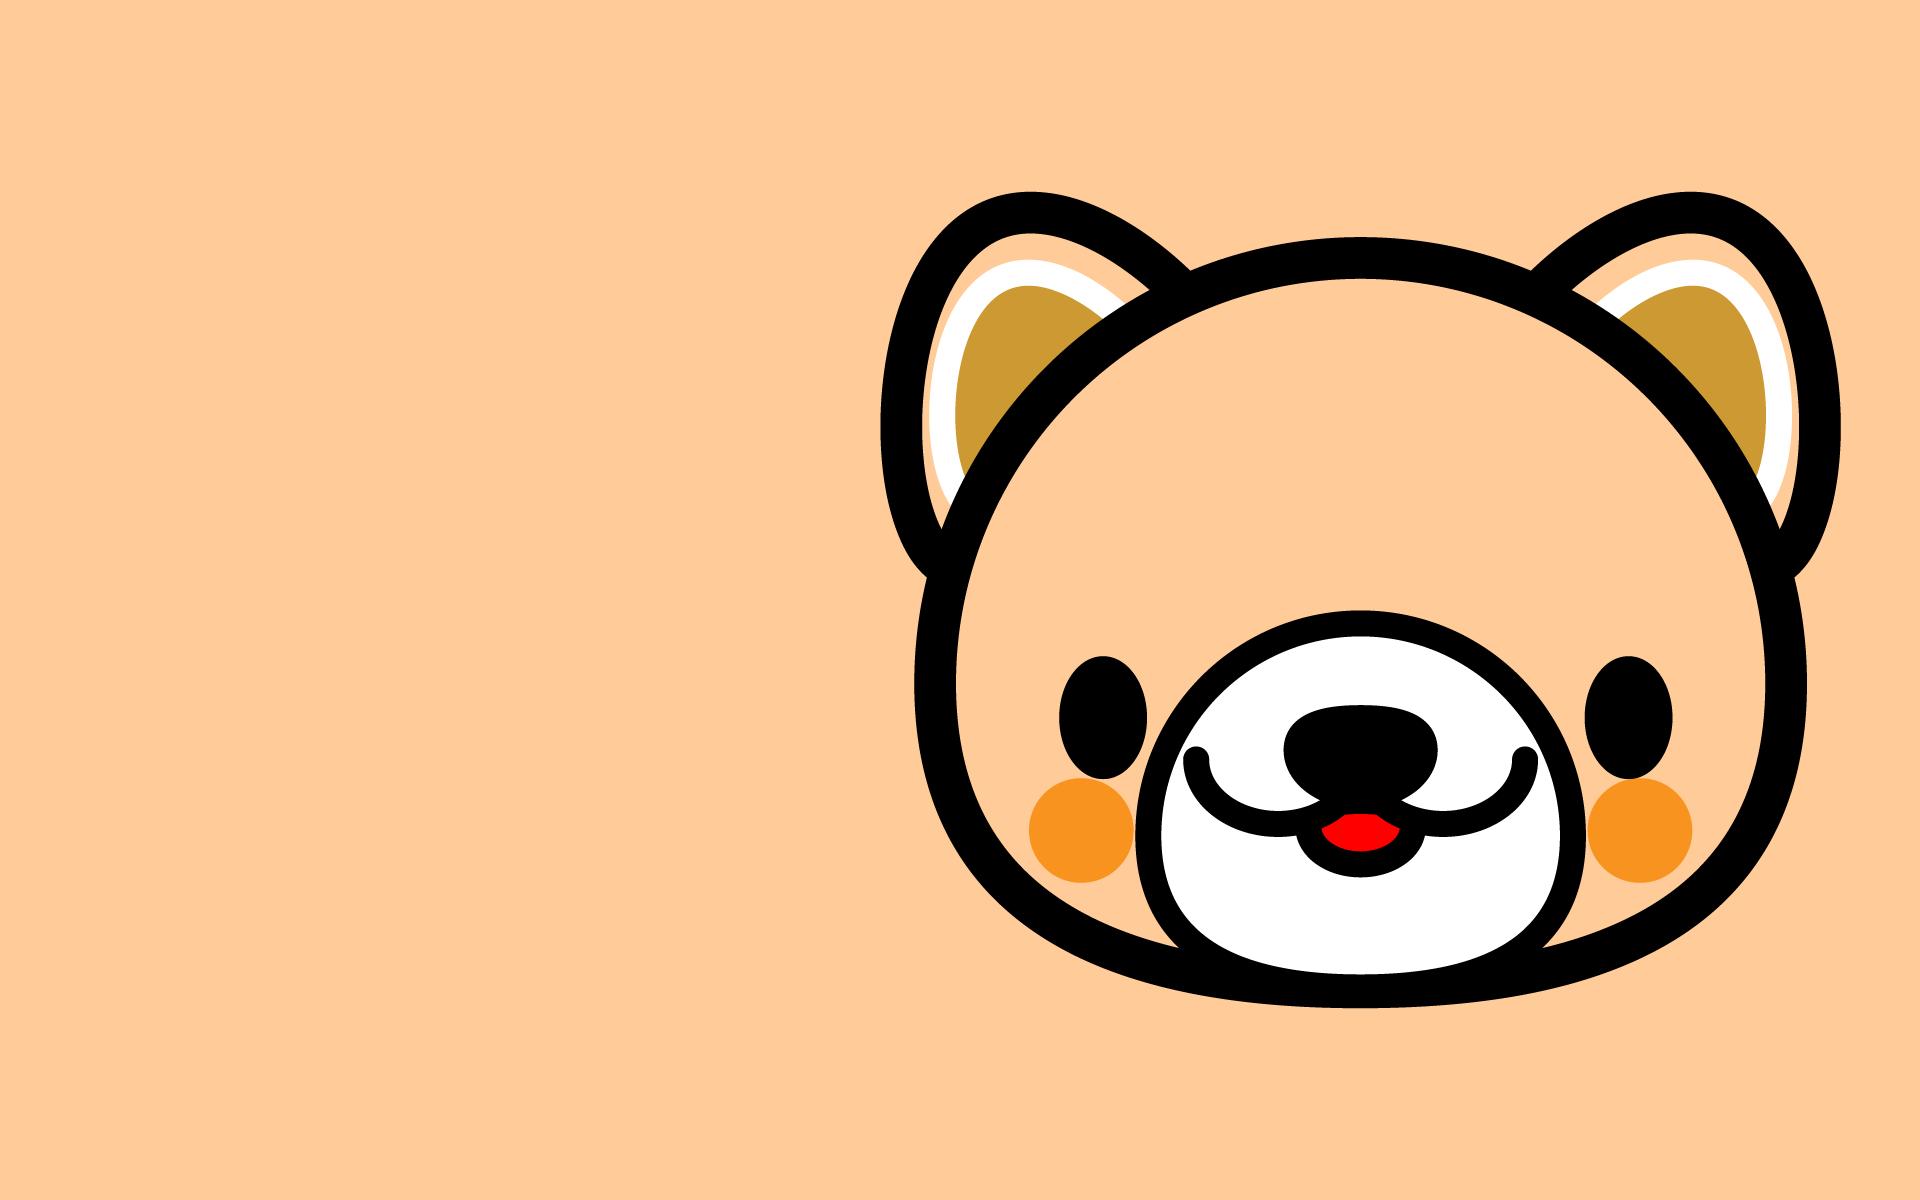 かわいい顔だけ犬壁紙(PC)の無料イラスト・商用フリー